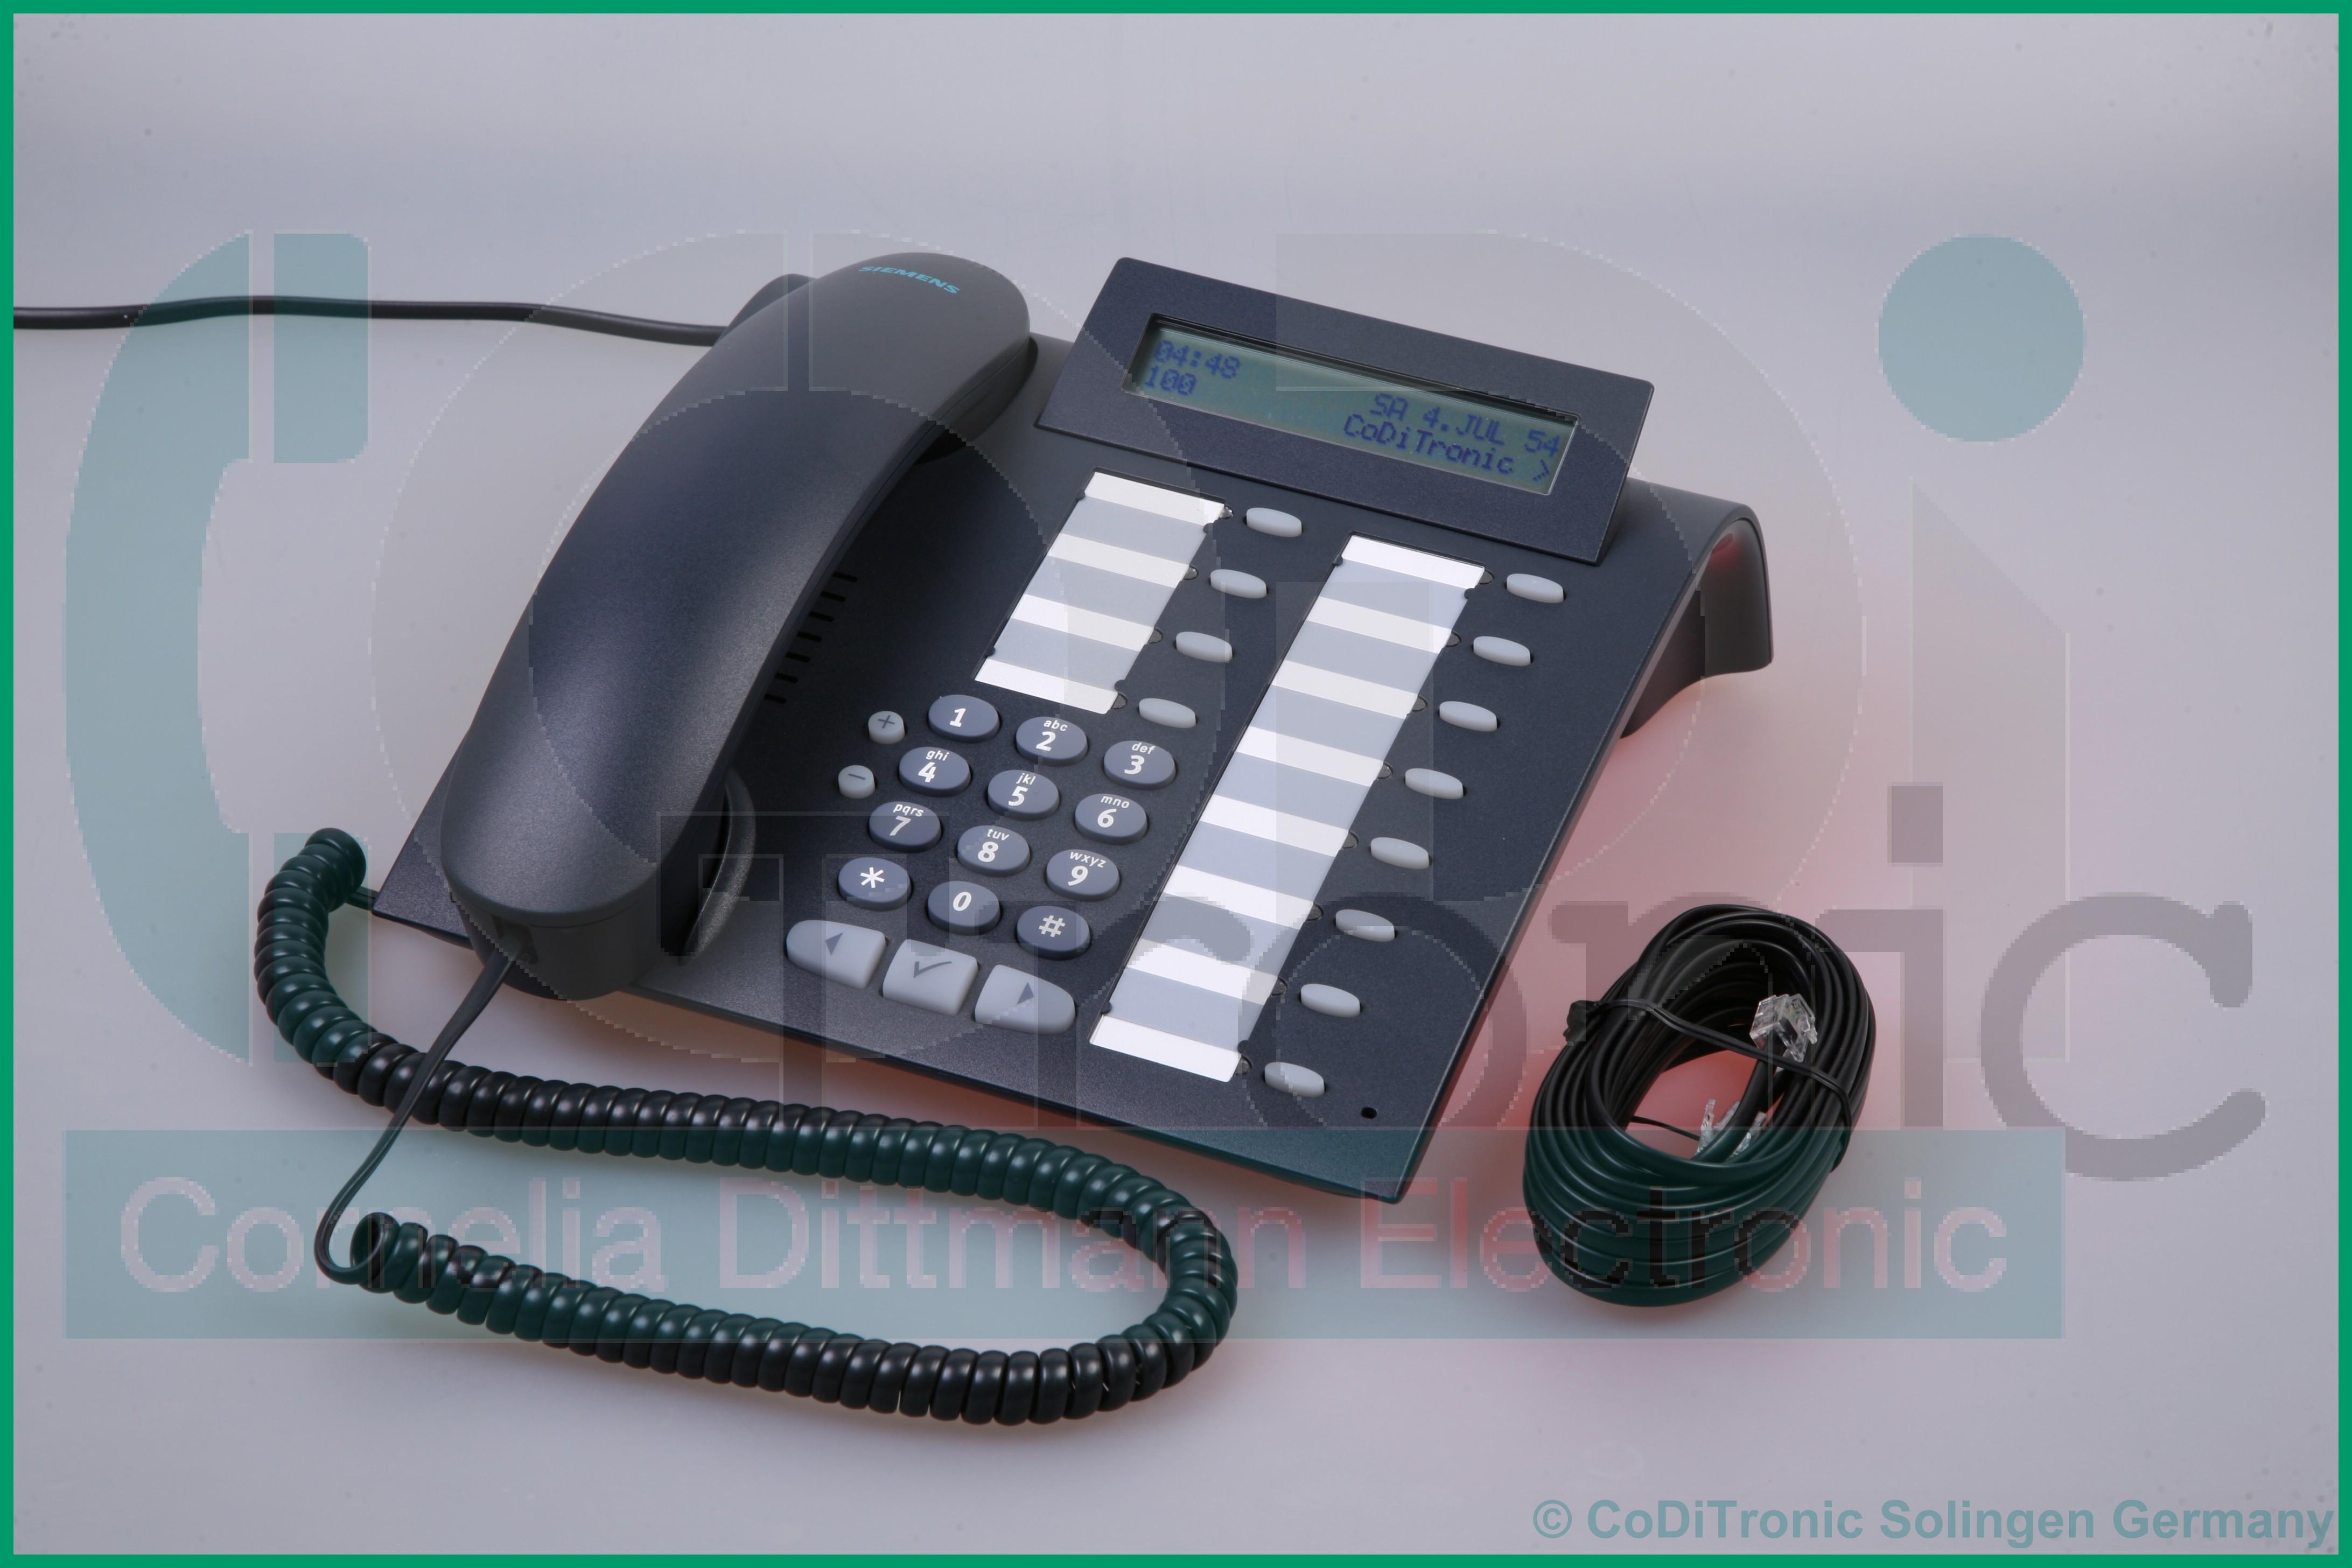 siemens optipoint 500 standard phone manual